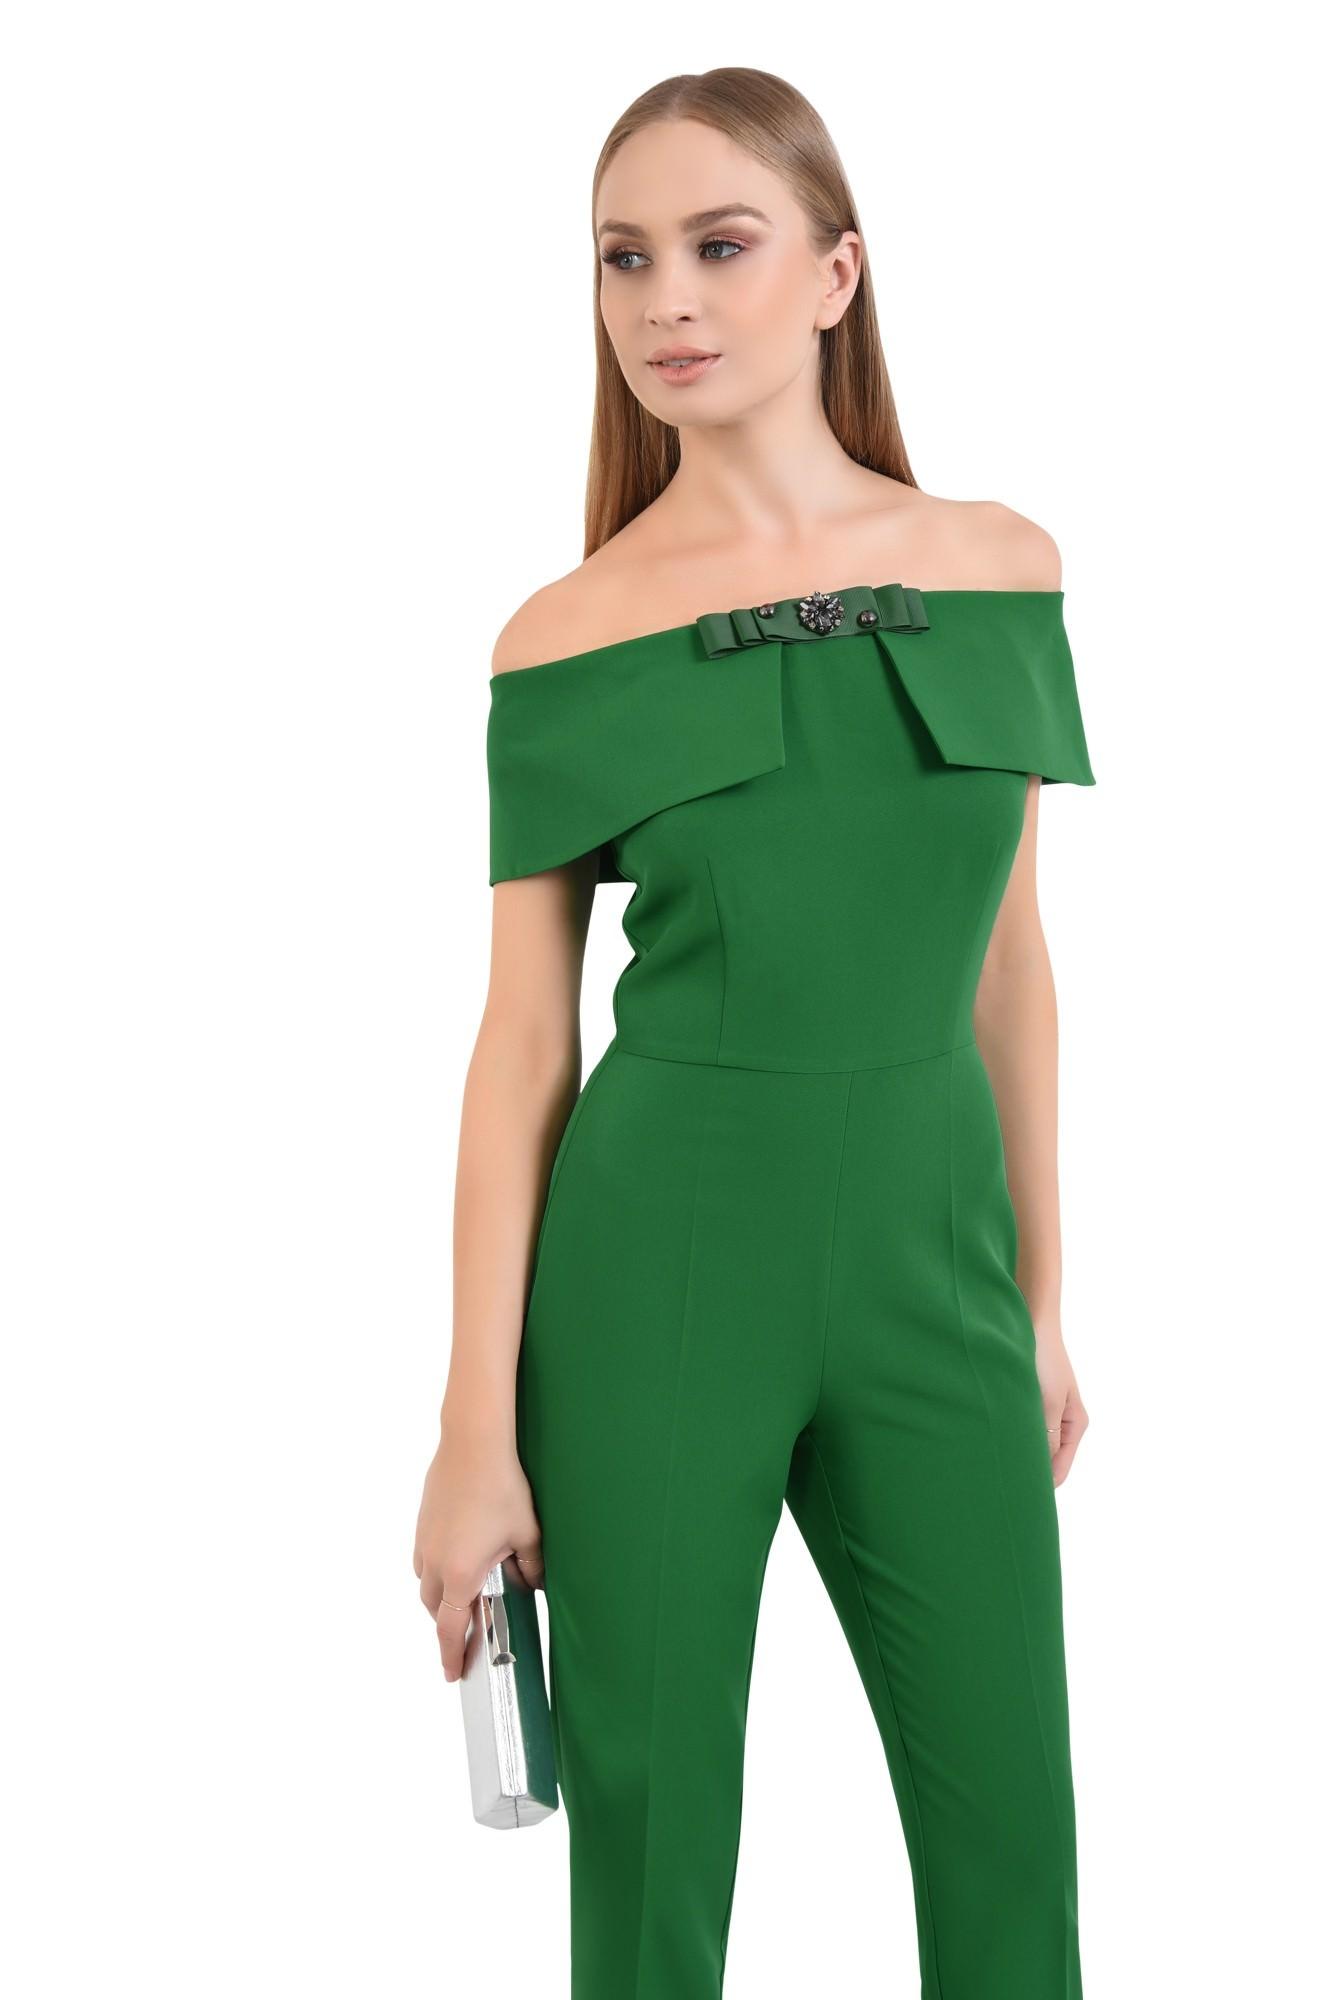 0 - salopeta eleganta, verde, brosa, umeri goi